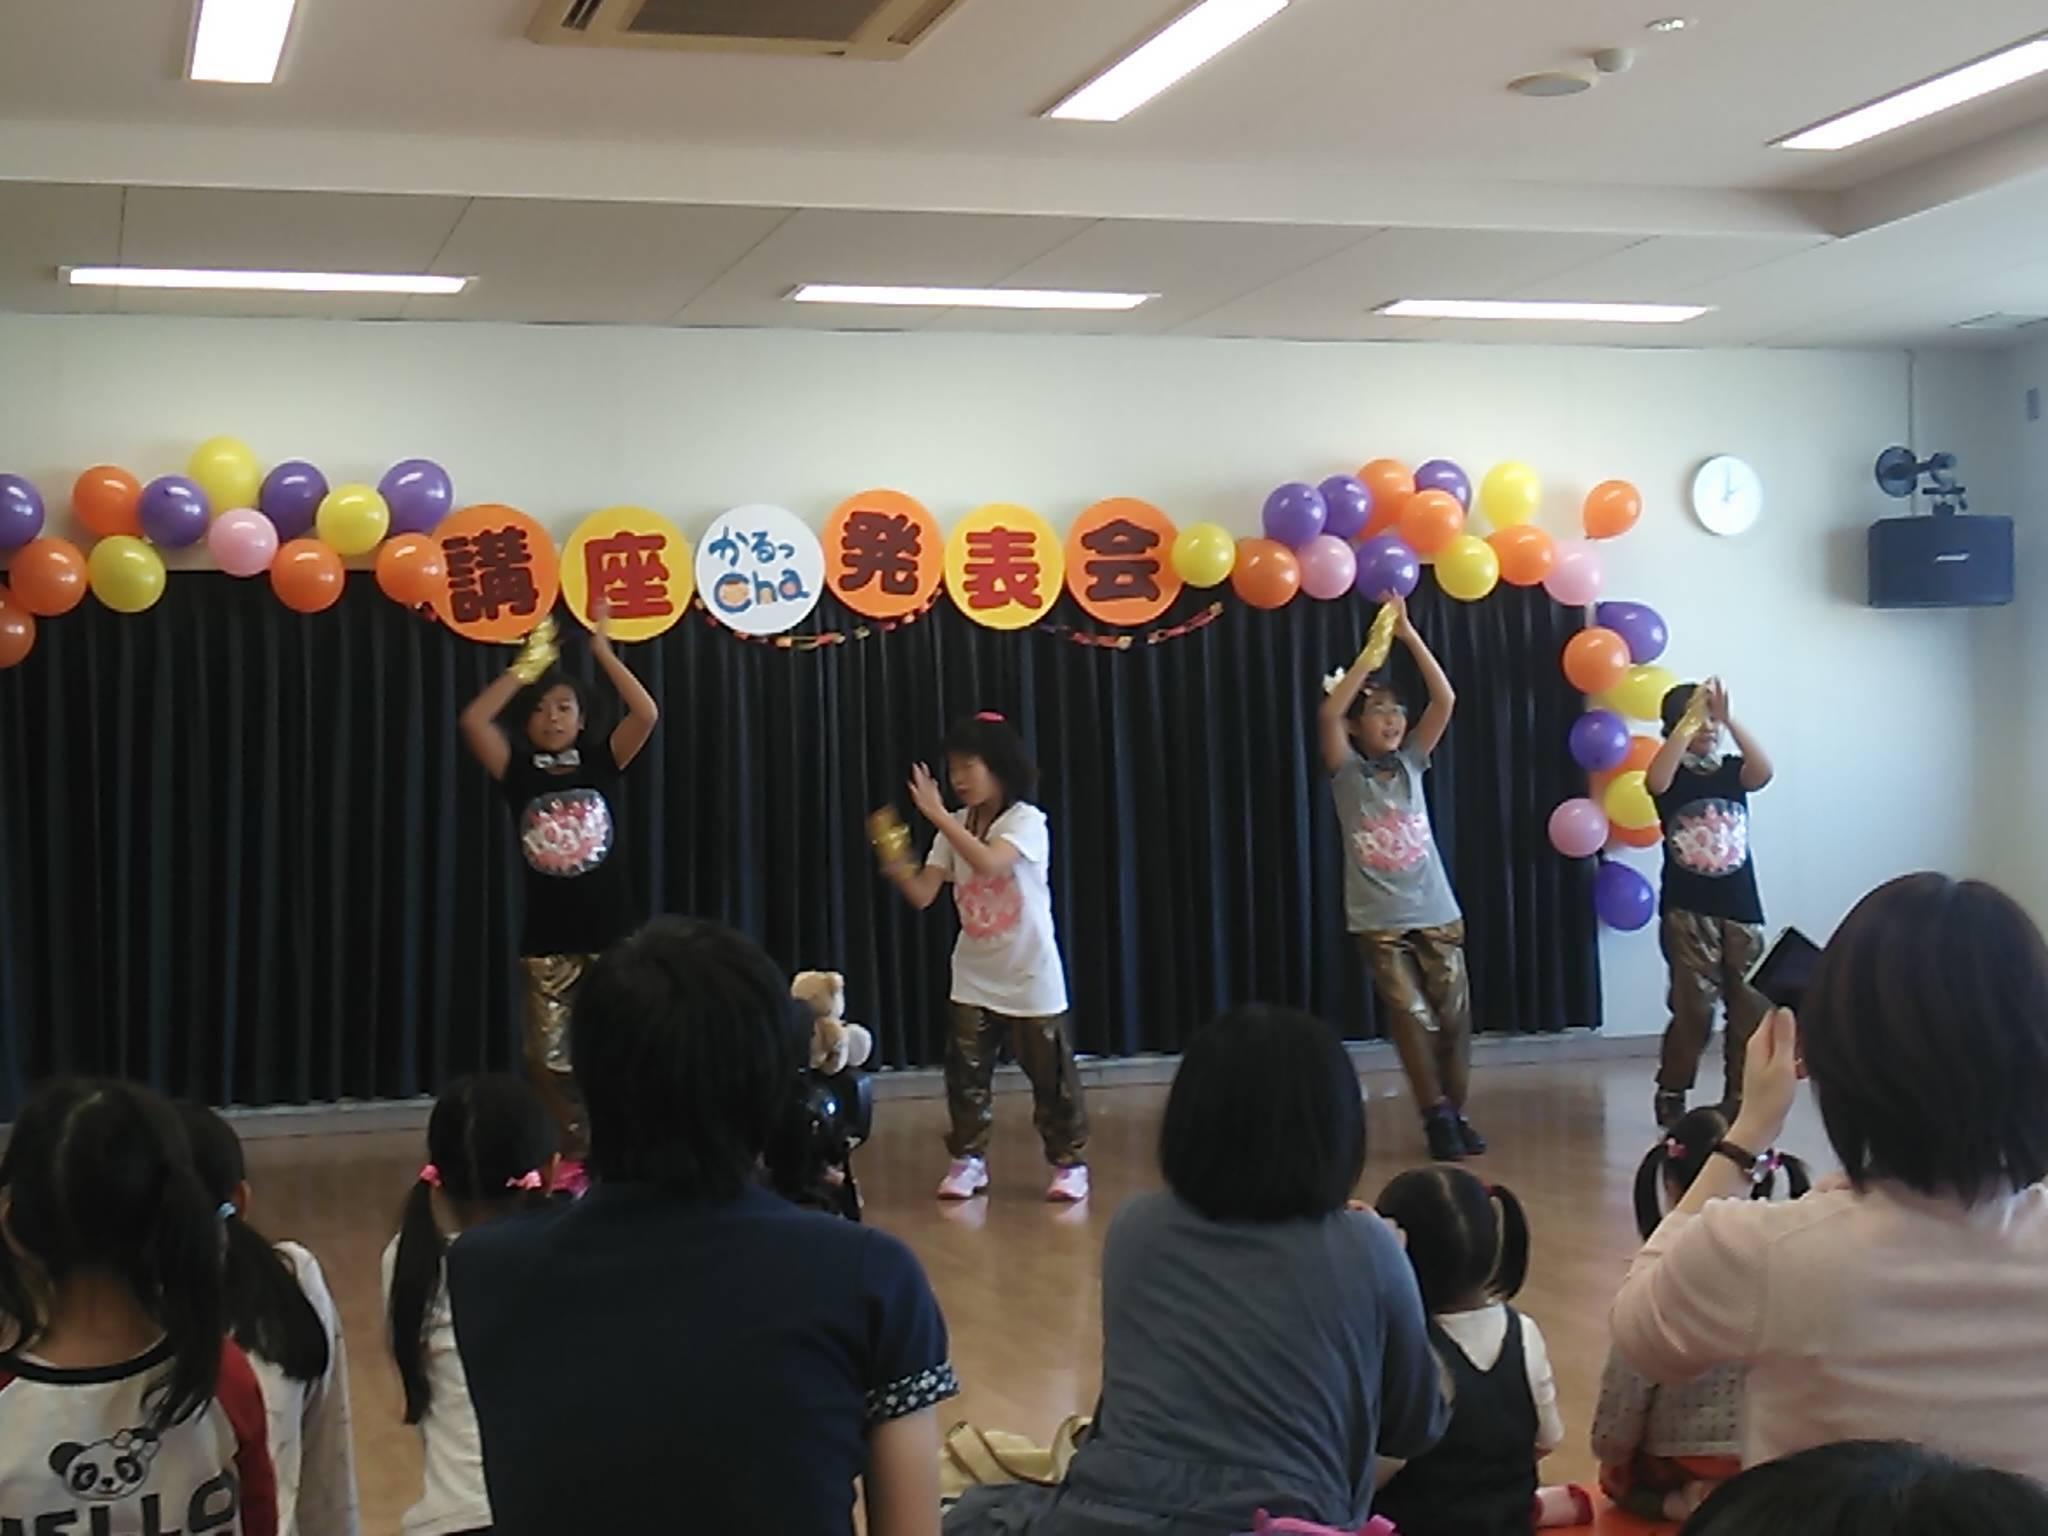 イベント報告 かるっCha感謝祭_c0201916_22413208.jpg